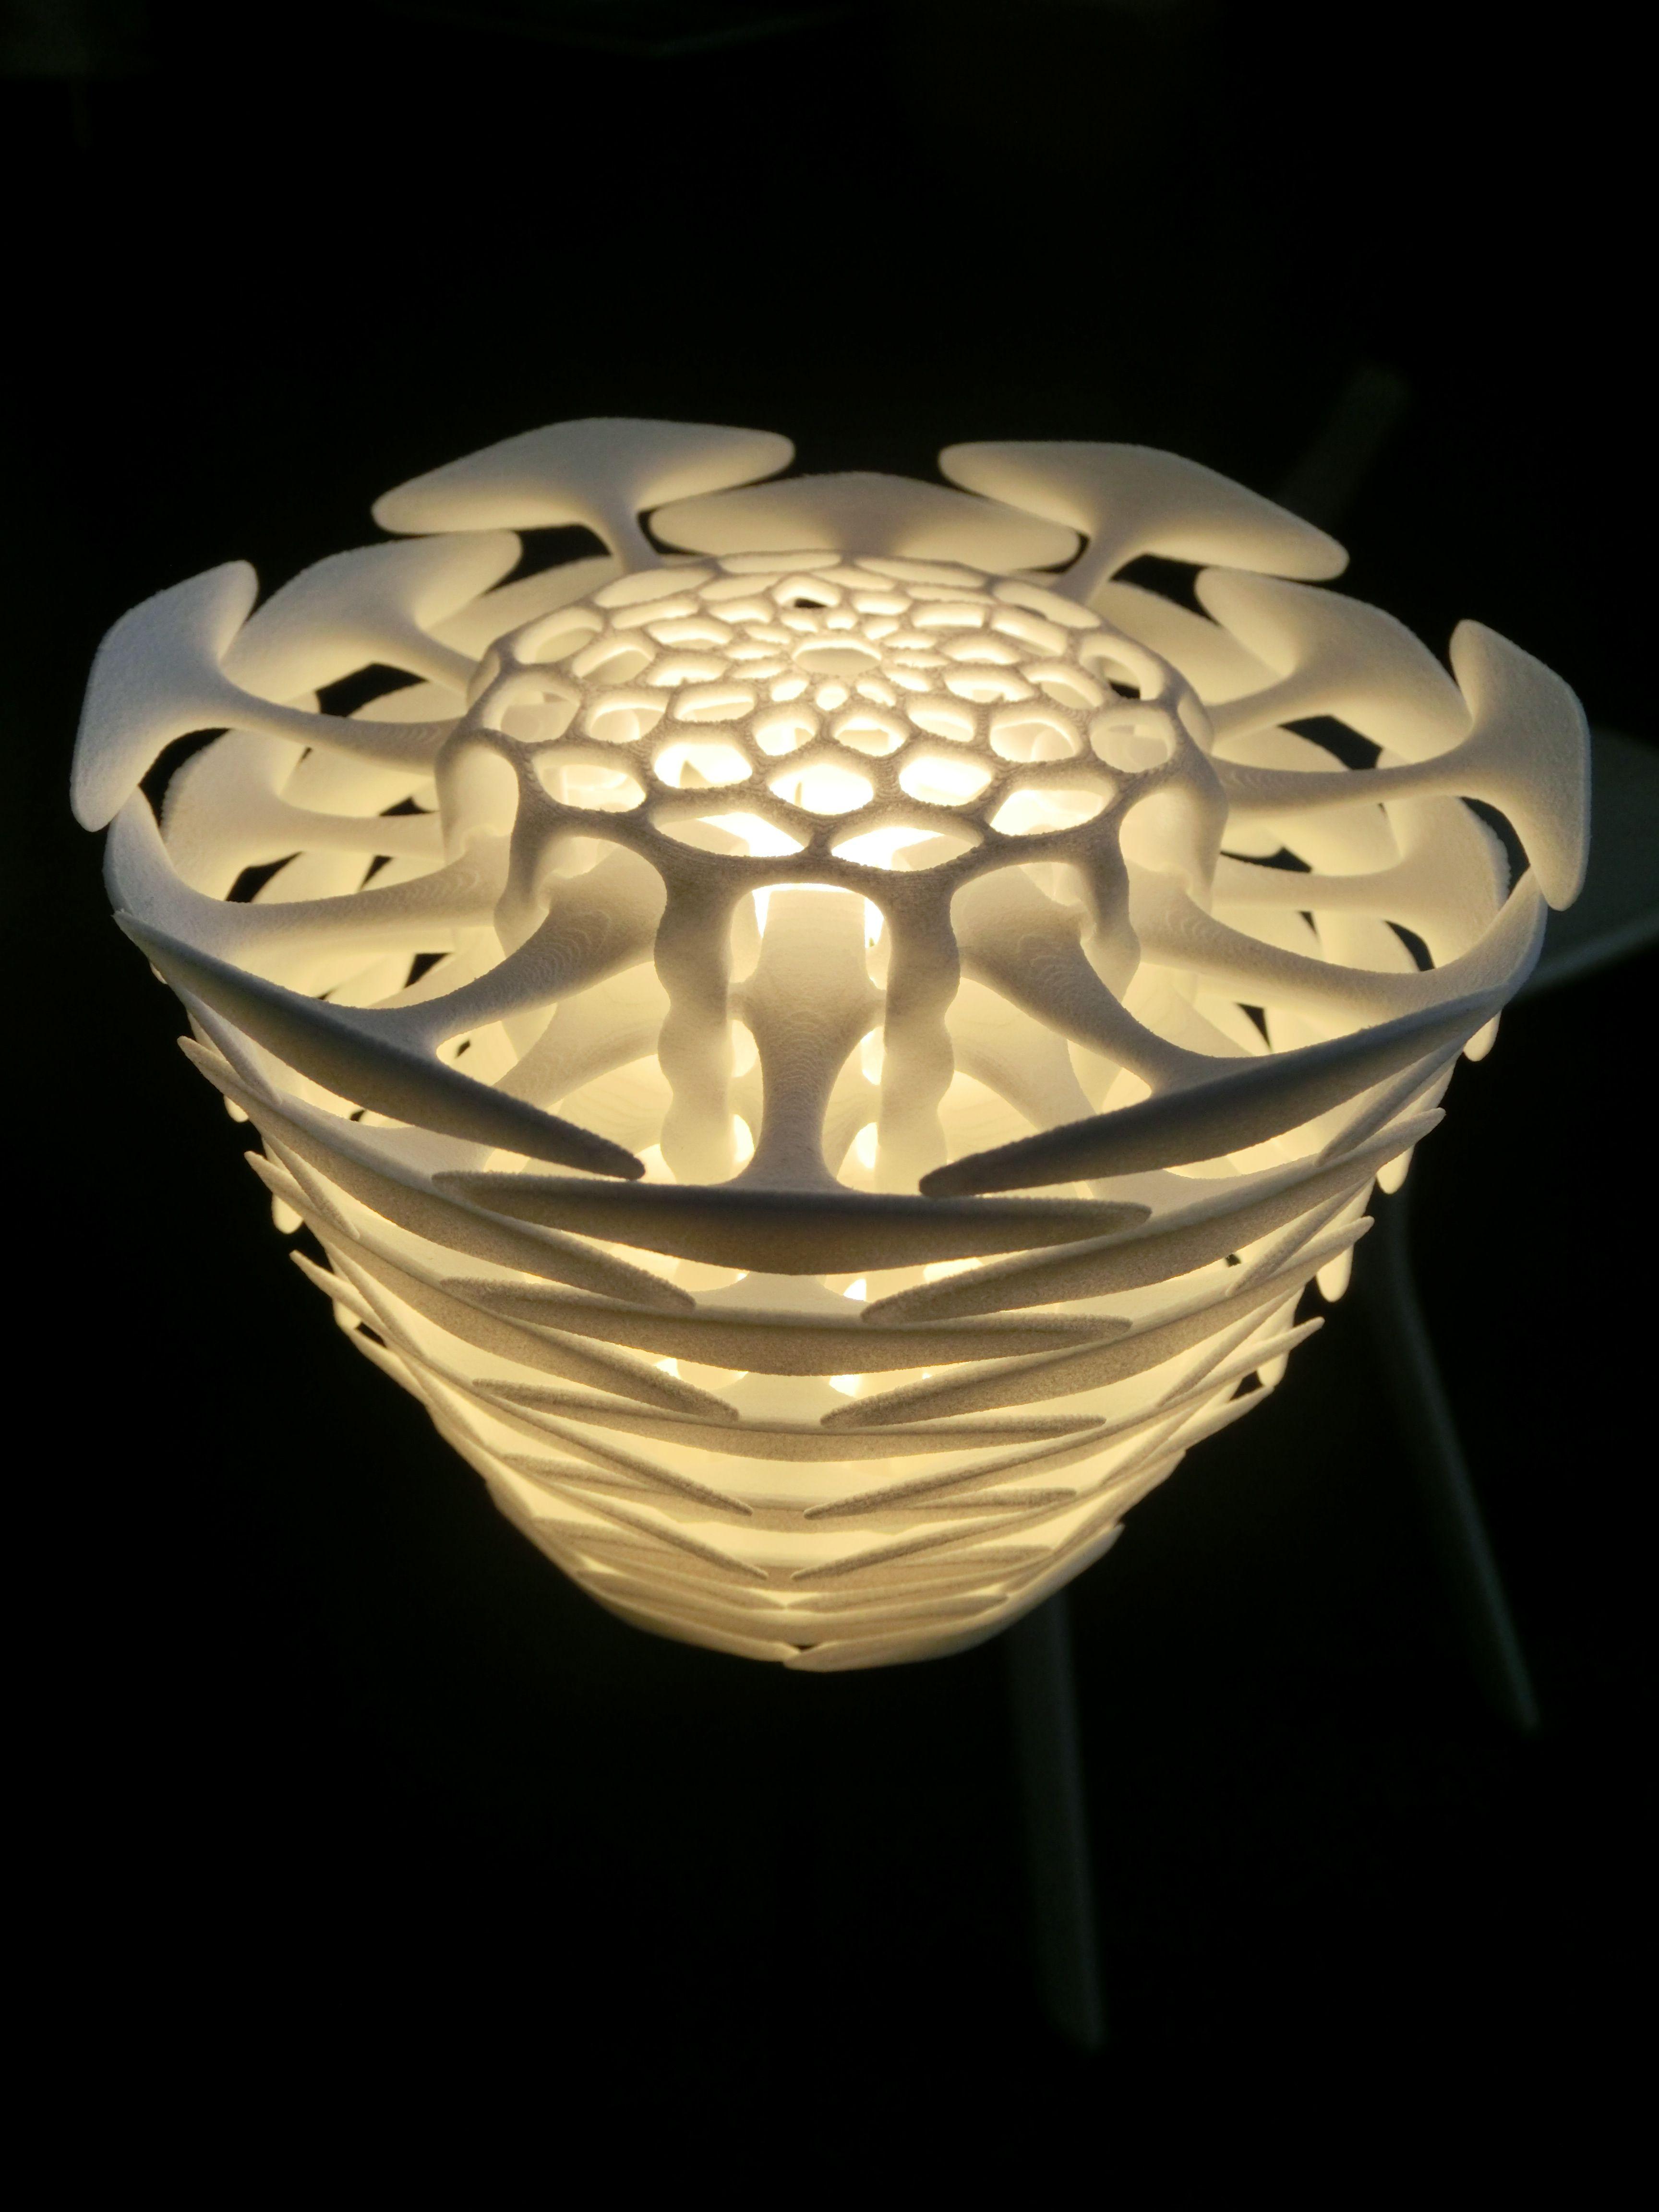 3d Printed Lamp 3d Drucker 3d Prints Und Deckenverkleidung